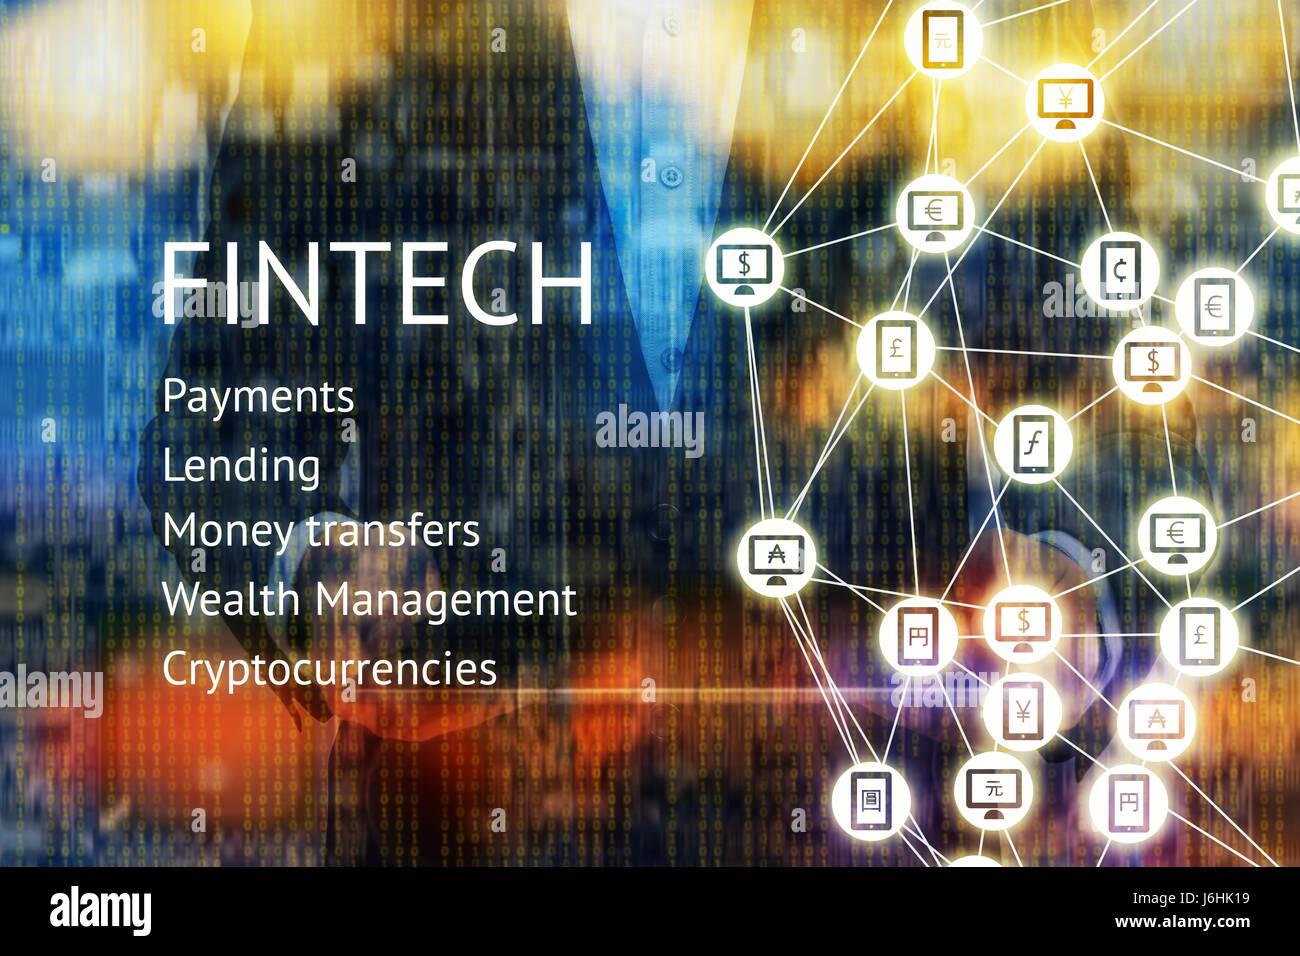 Fintech tecnología financiera y el concepto de e-commerce. Traje de hombre sosteniendo tablet.monedas del mundo firmen en móviles, PC y Peer-to-peer con icono Foto de stock